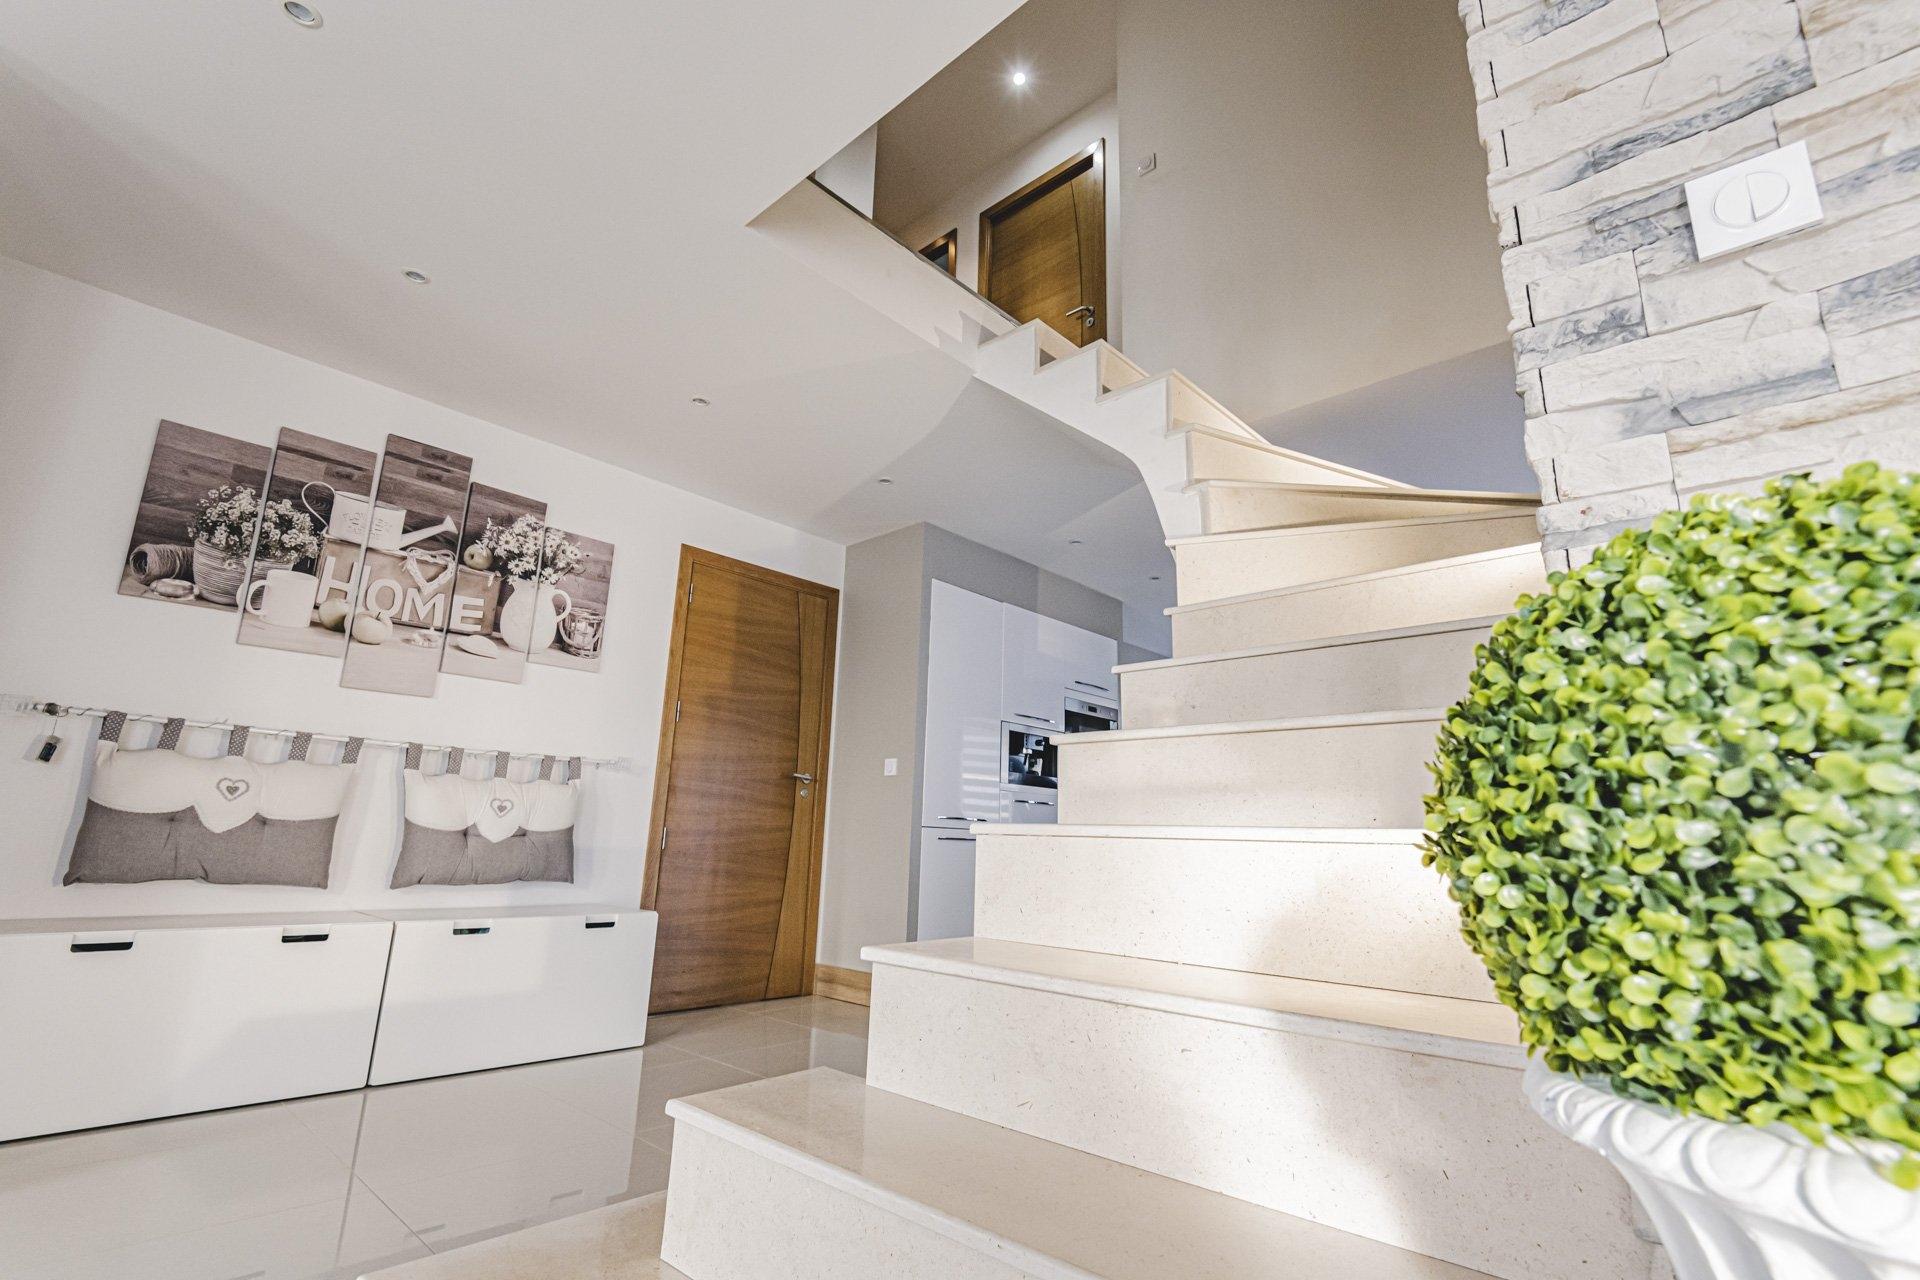 Maison Champigny 6 Pièces 160 m2 - 8